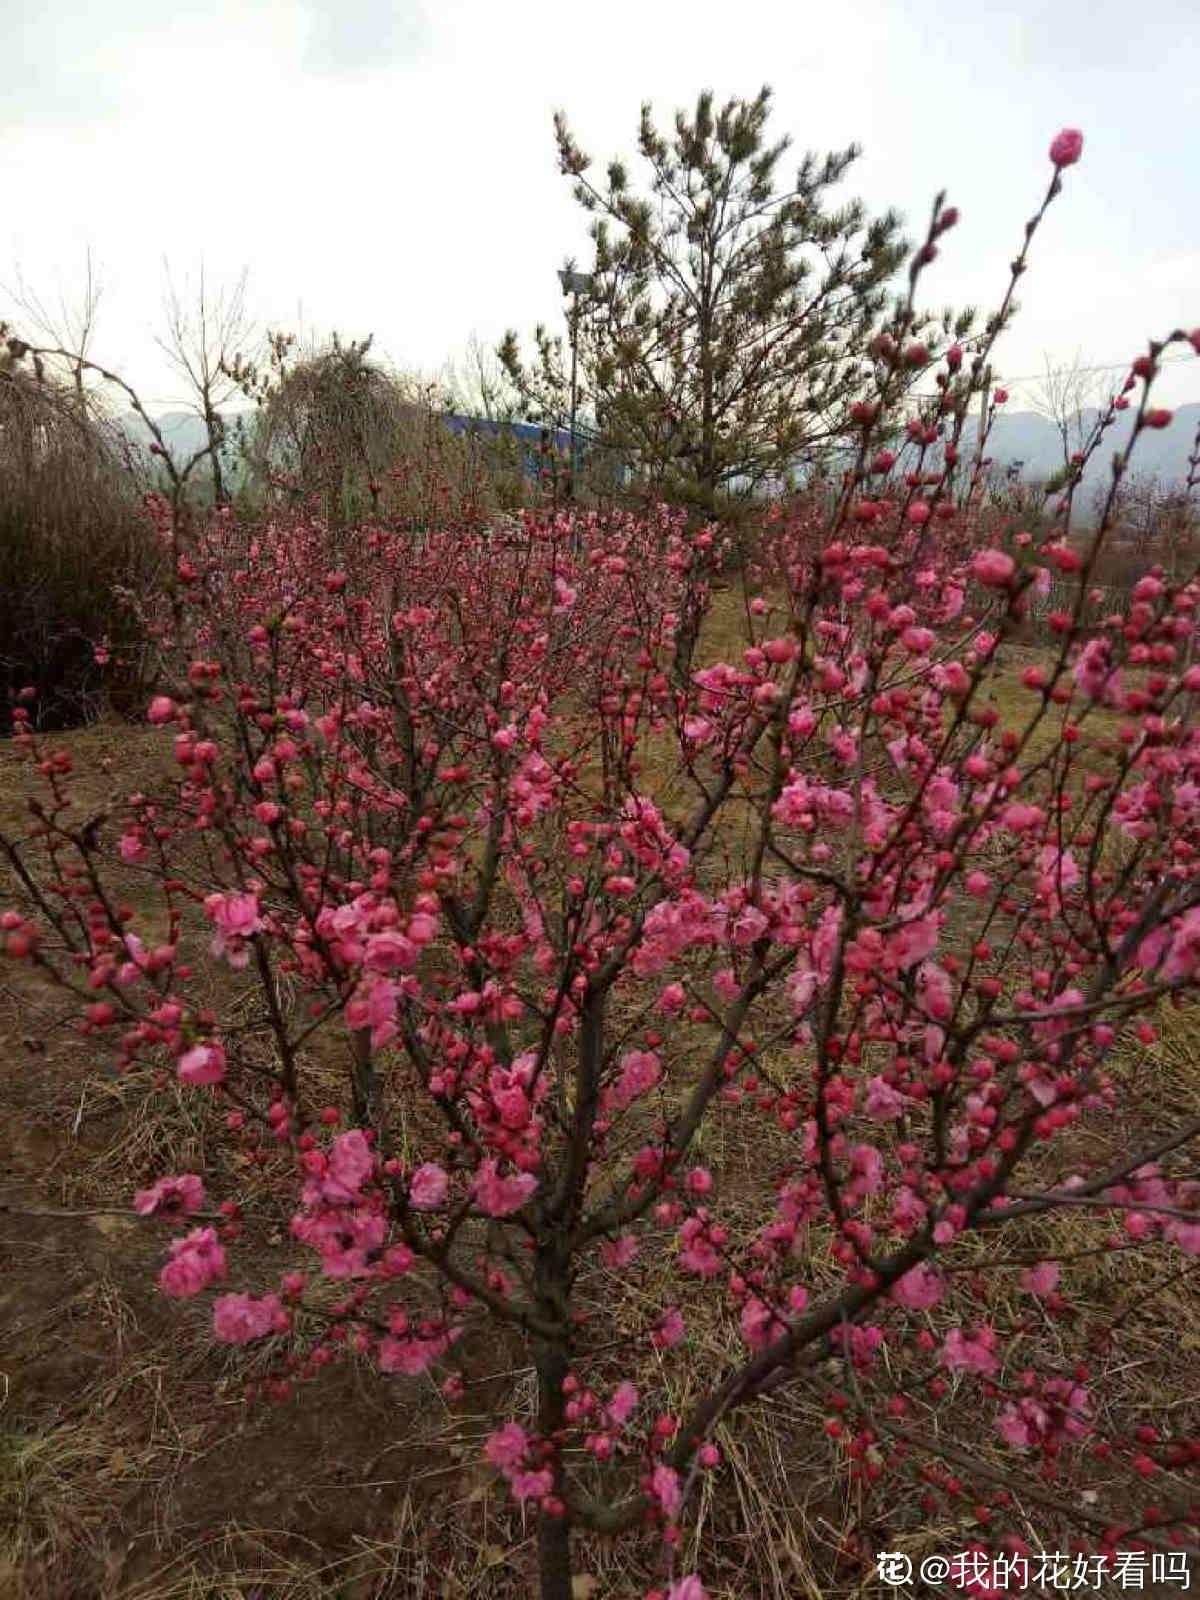 美艳村居足众愿, 随人指点小桃红——榆叶梅